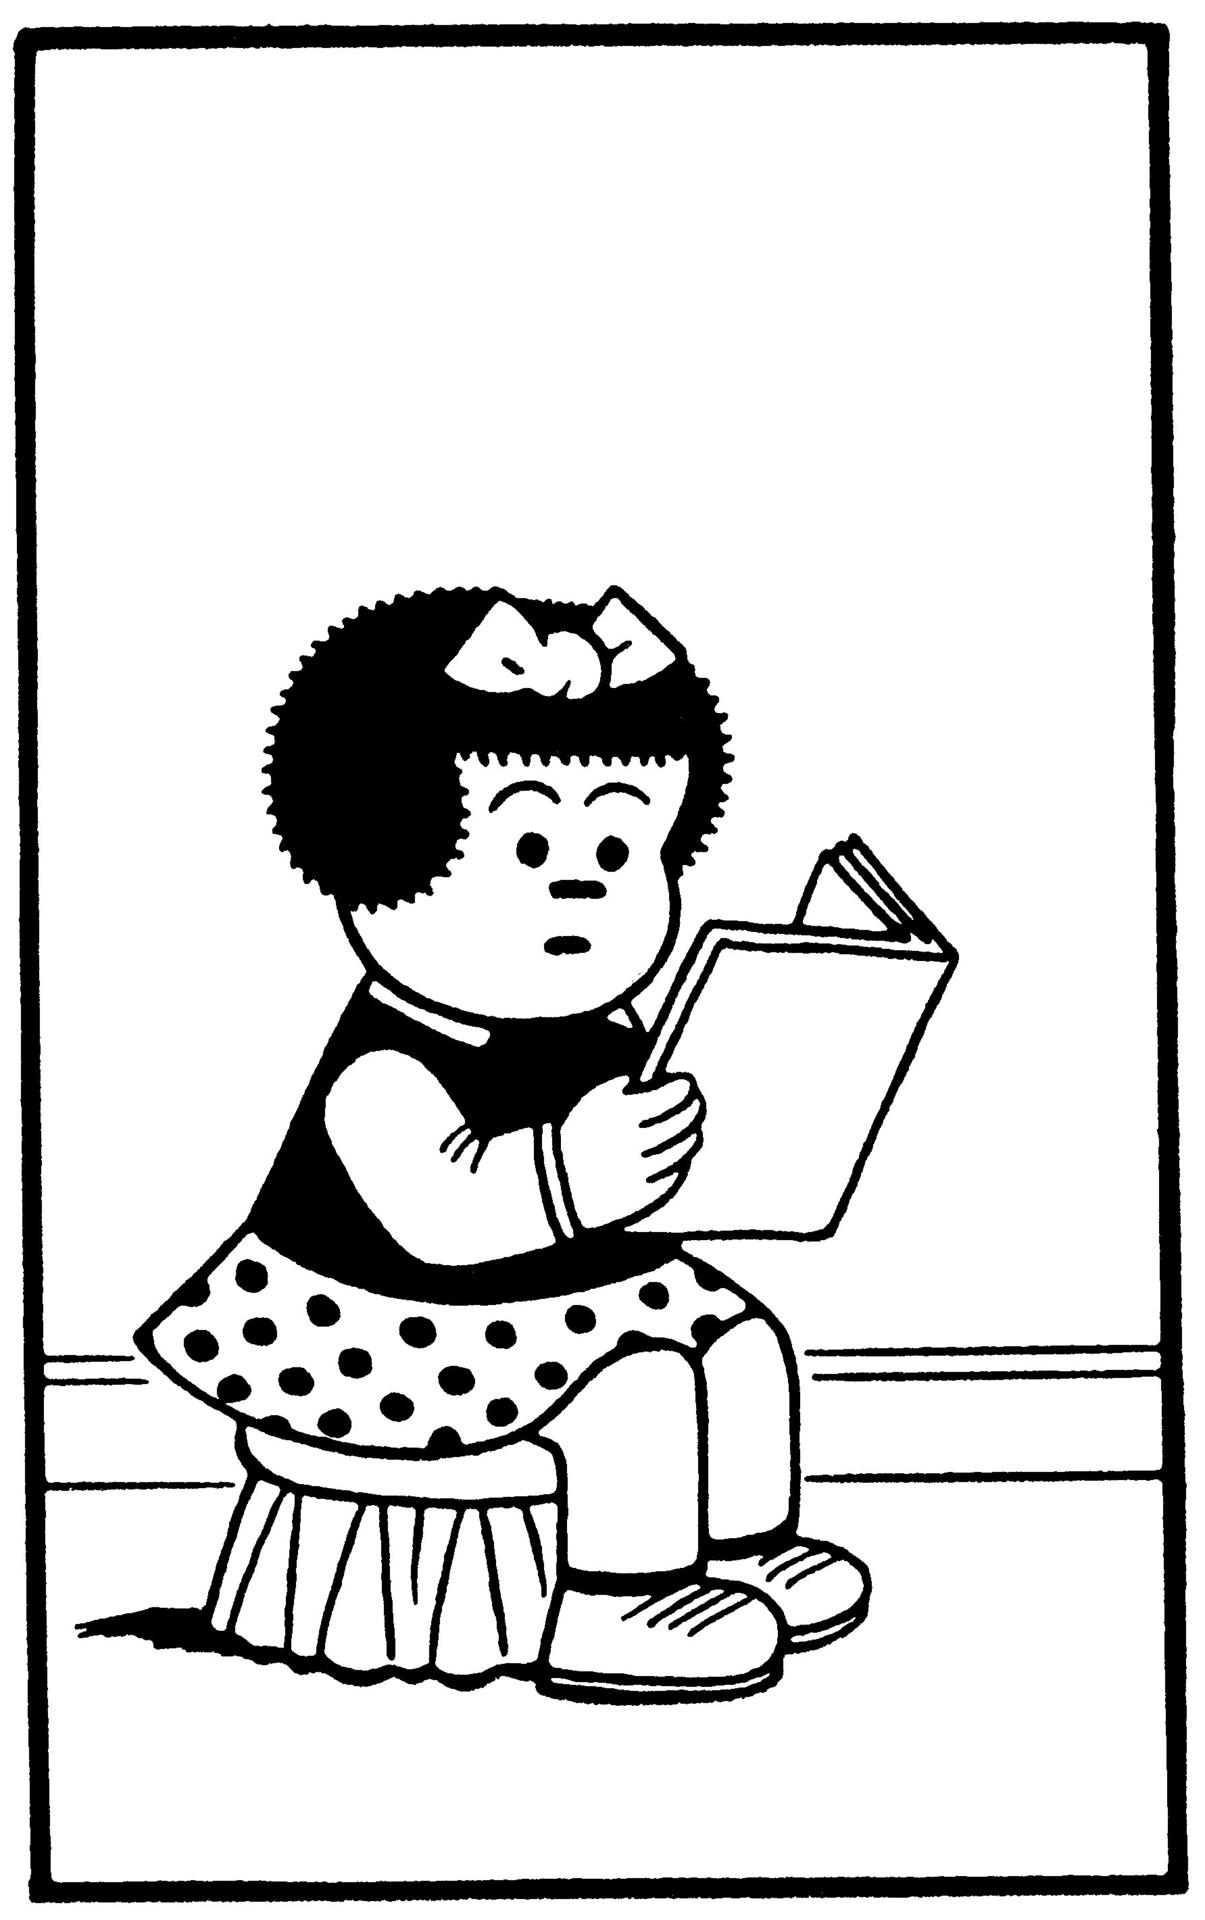 Plumper and schoolgirl uniform